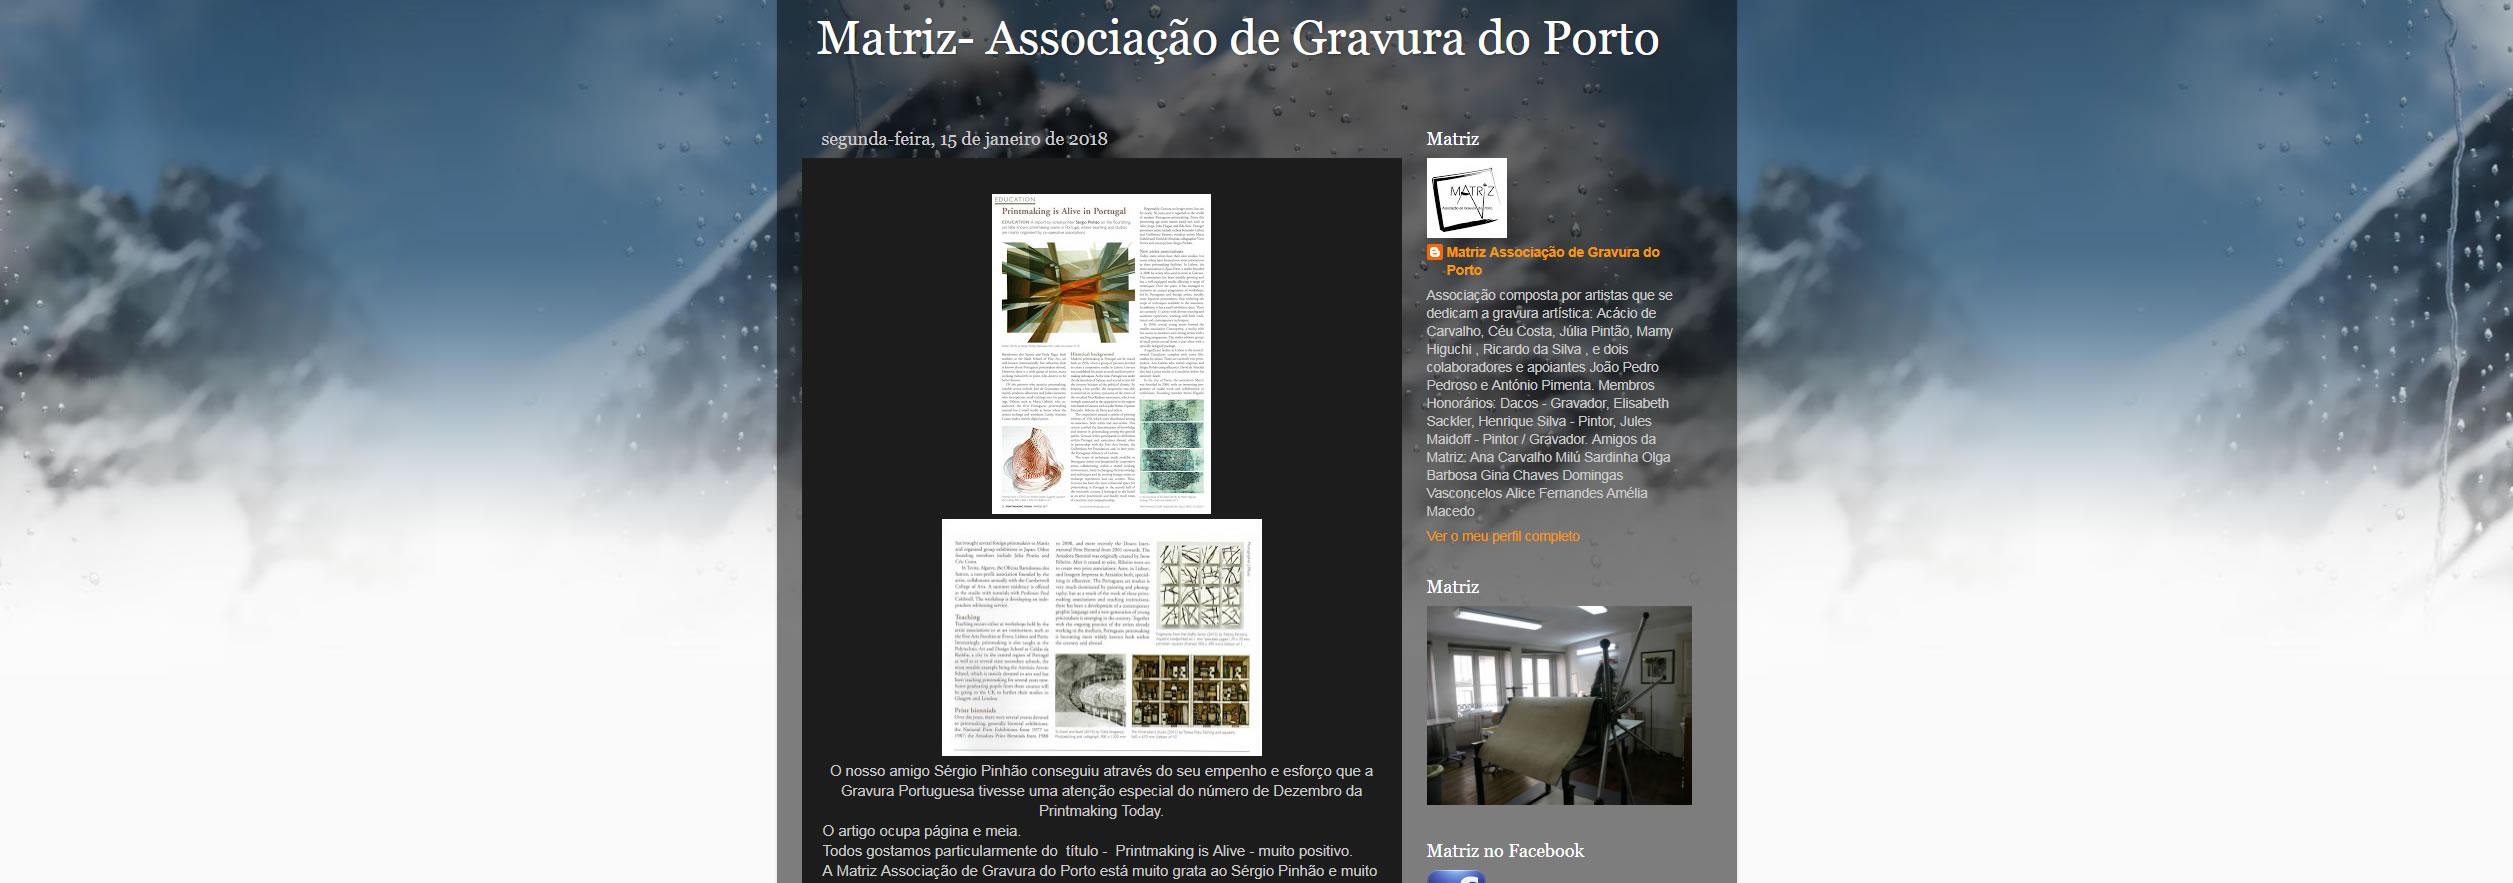 matriz_associacao_de_gravura_do_porto_galeria_de_gravura